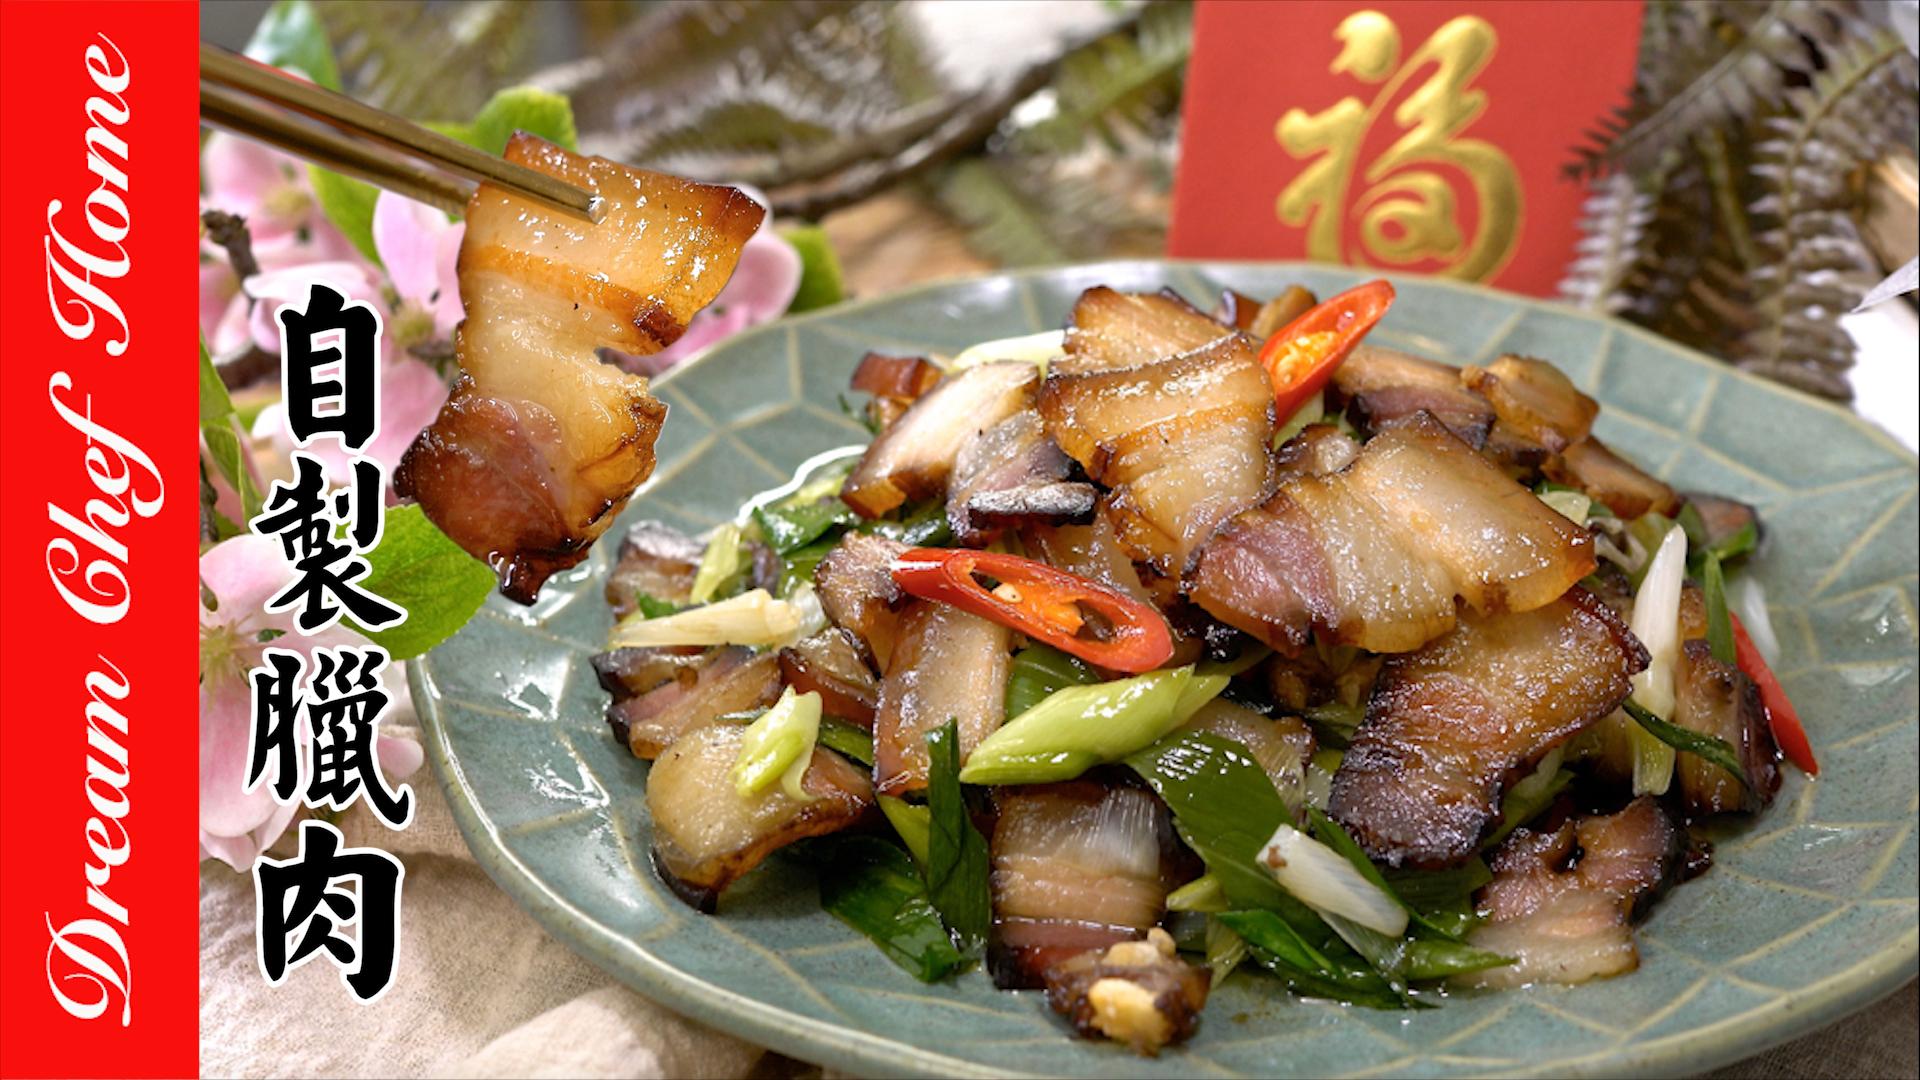 四碗飯臘肉,免曬太陽也能做臘肉!家庭自製簡易臘肉